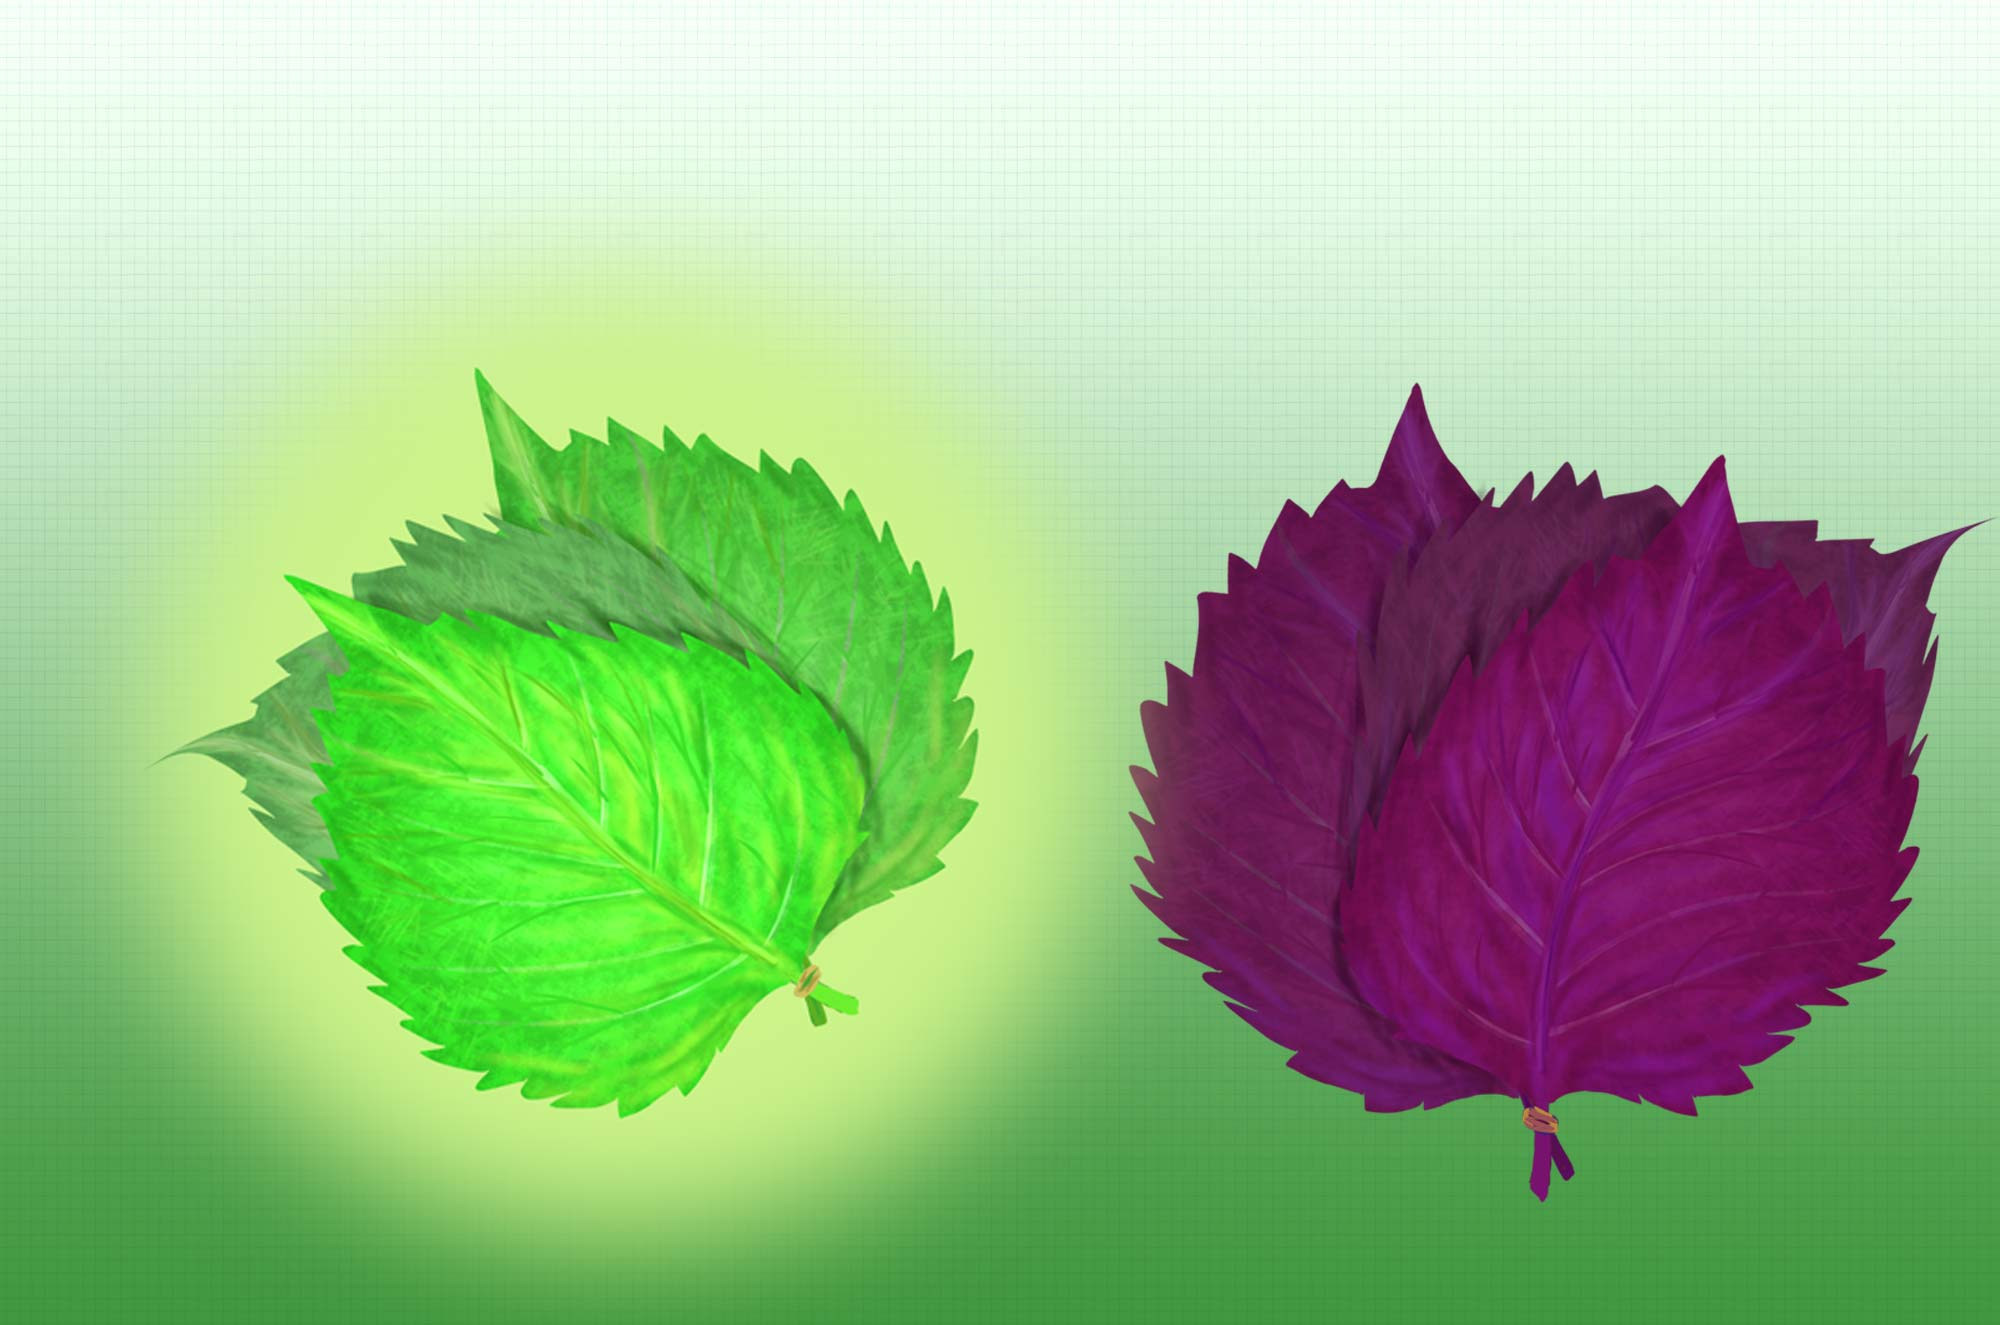 大葉としそのイラスト - 香る和風ハーブの無料素材